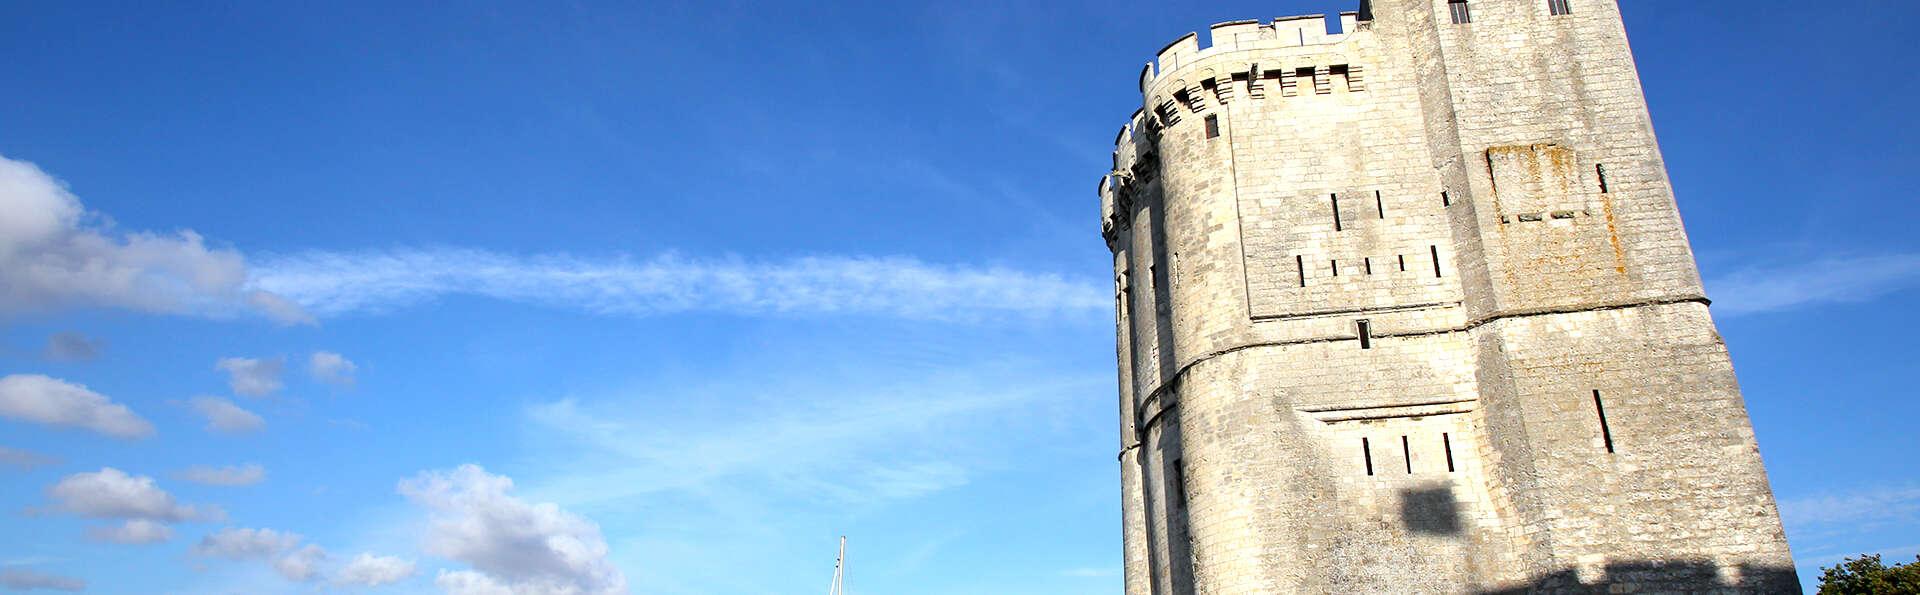 Une semaine de vacances à proximité de la Rochelle pour profiter de l'air Atlantique